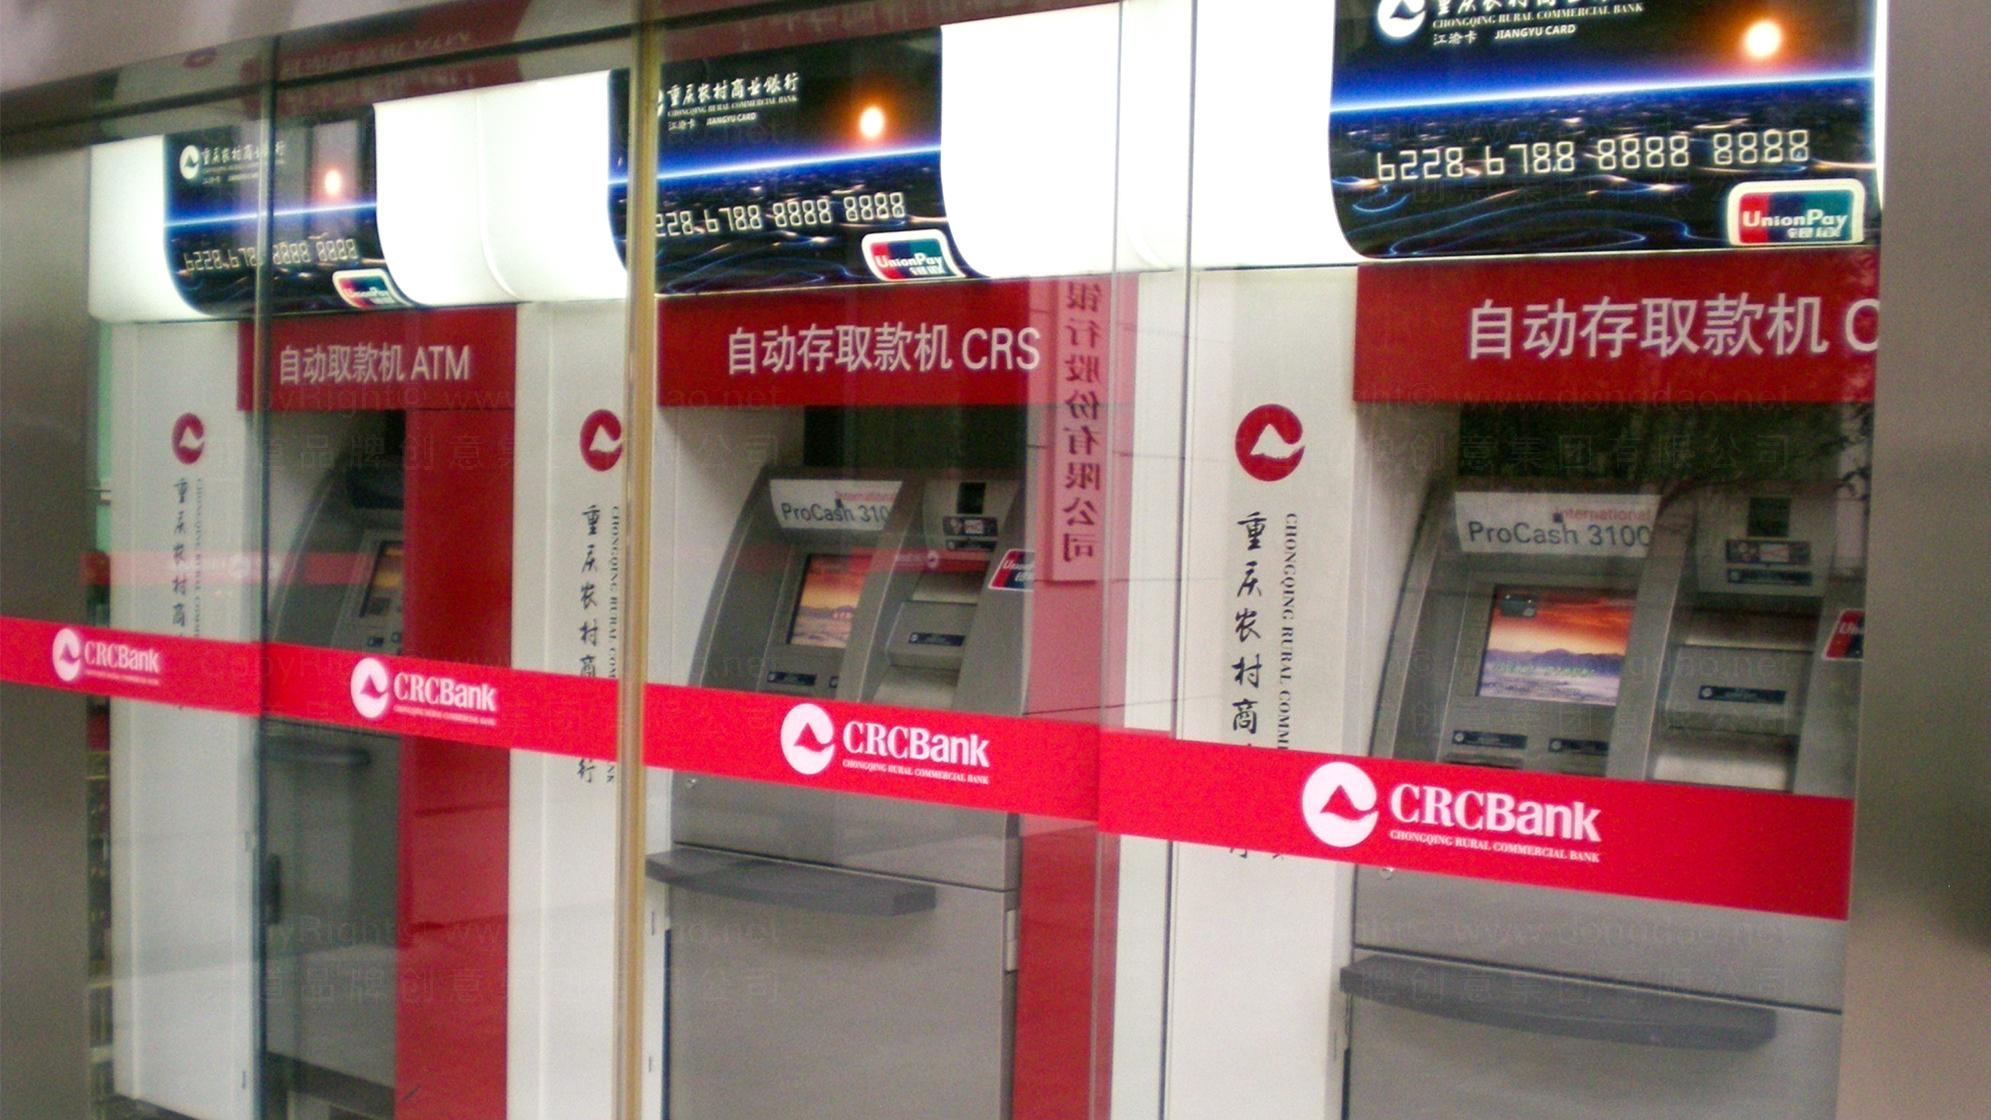 品牌设计重庆农村商业银行LOGO&VI设计应用场景_6